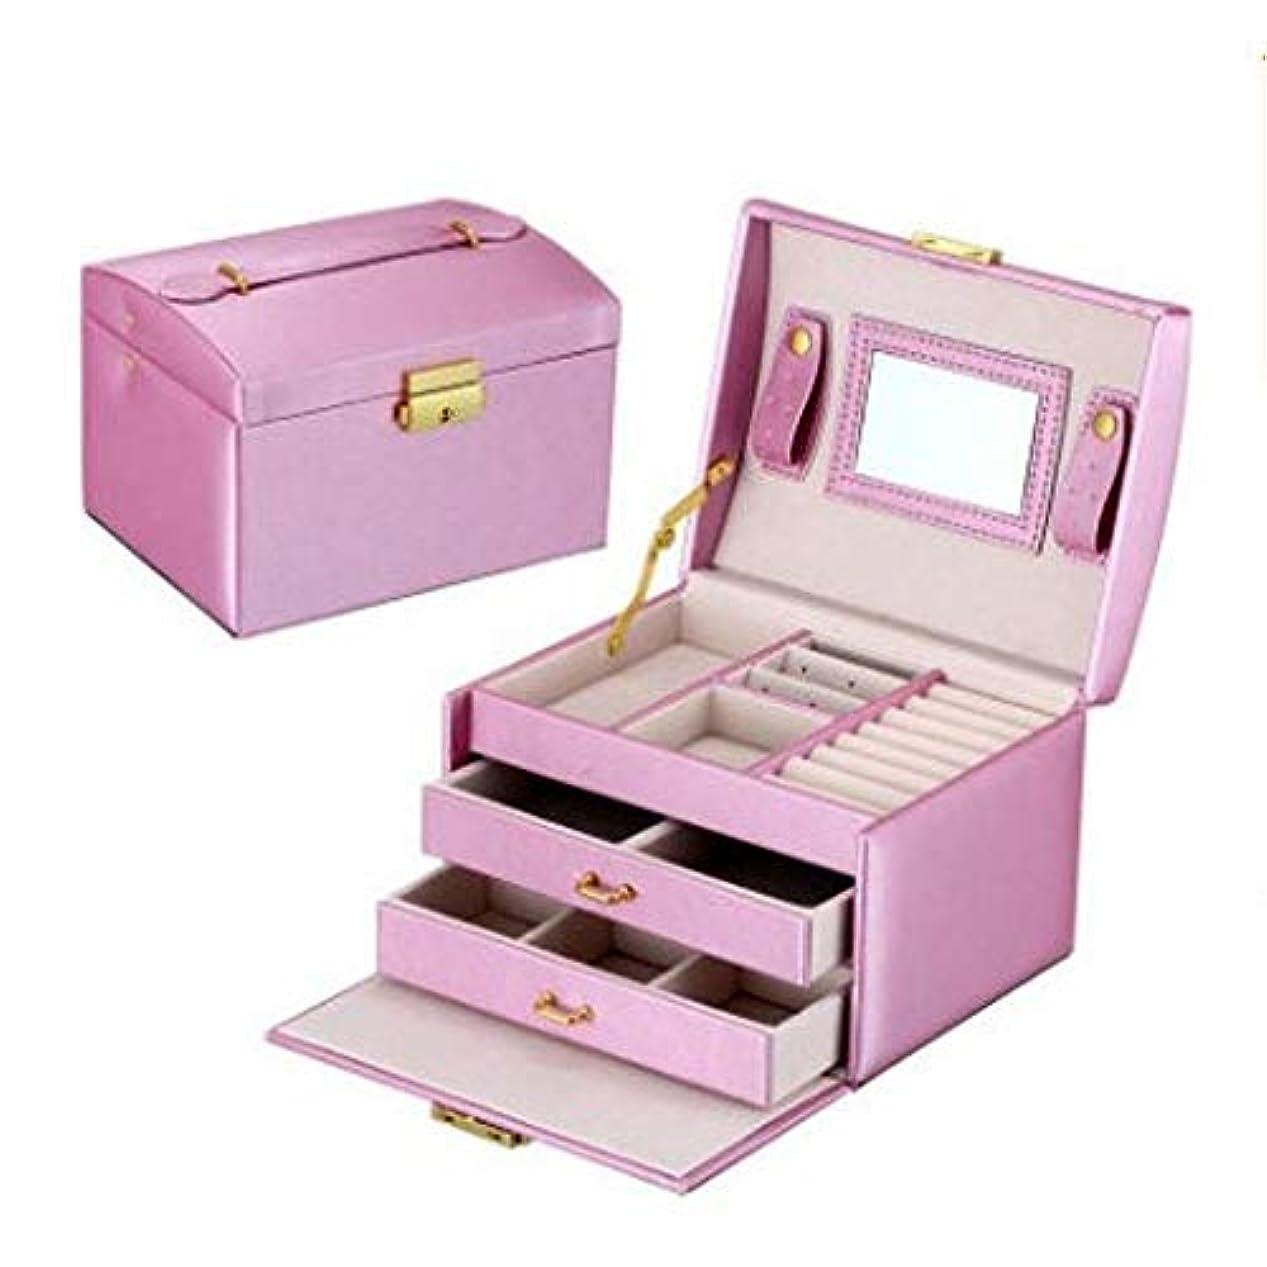 ピアバット安定特大スペース収納ビューティーボックス 大型人工皮革トラベルジュエリーボックス収納ボックスディスプレイリングイヤリングネックレス(5色オプション) 化粧品化粧台 (色 : Purple pink)